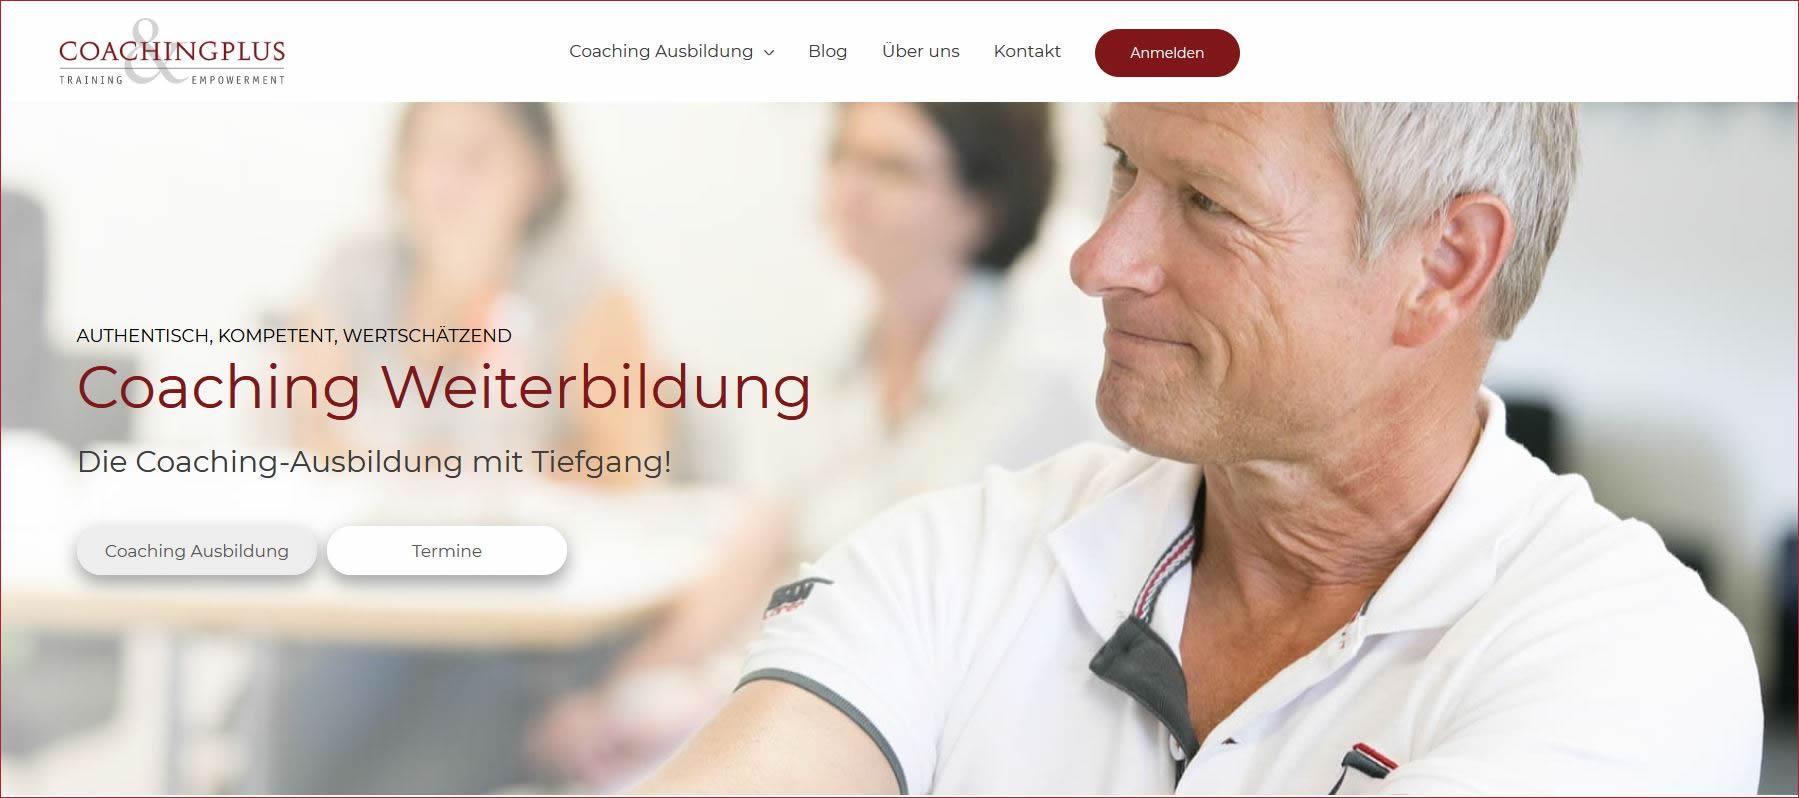 Studiengang für angewandtes Coaching von Coachingplus in Zürich, Kloten